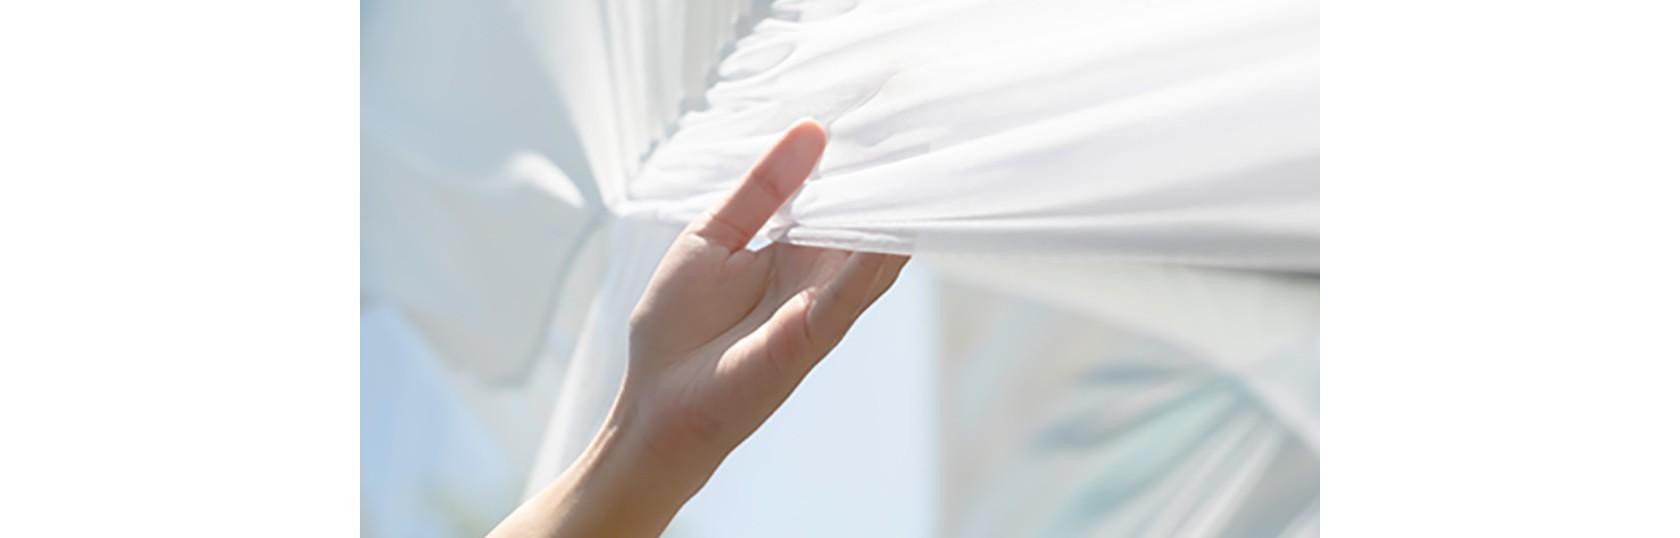 Frischgewaschene weiße Kleidung hängt in der Abenddämmerung an der Wäscheleine im Garten.